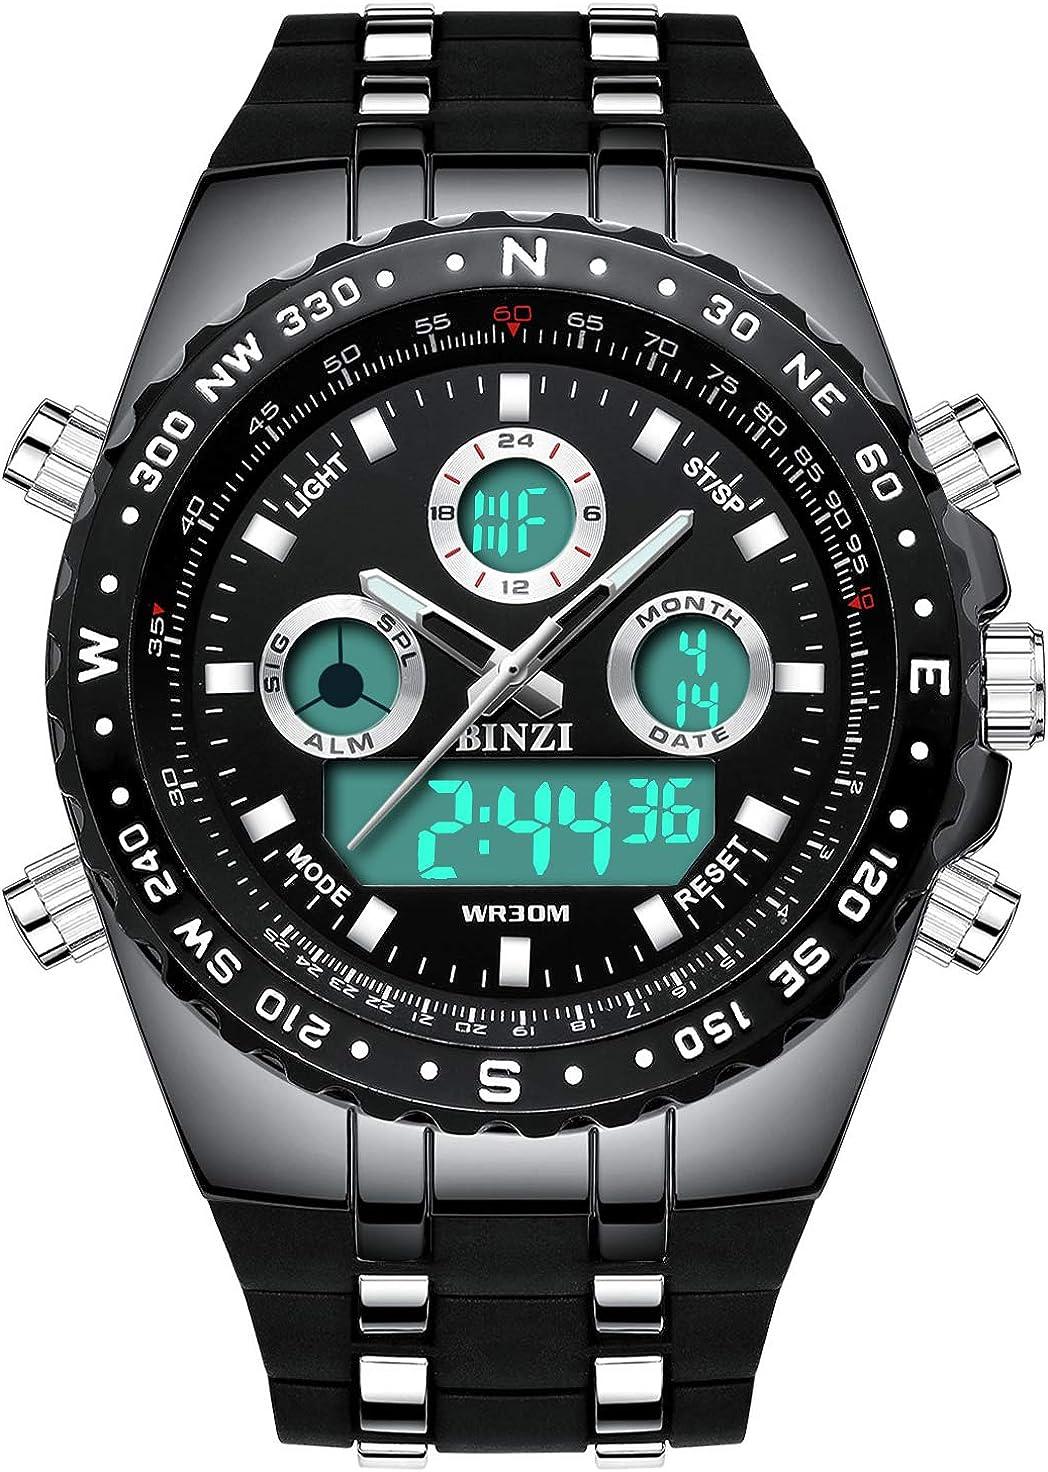 Relojes para hombre Binzi, sumergibles, reloj de pulsera militar, deportivo, digital, luz LED de lujo, pantalla dual con pulsera de silicona negra: Amazon.es: Relojes